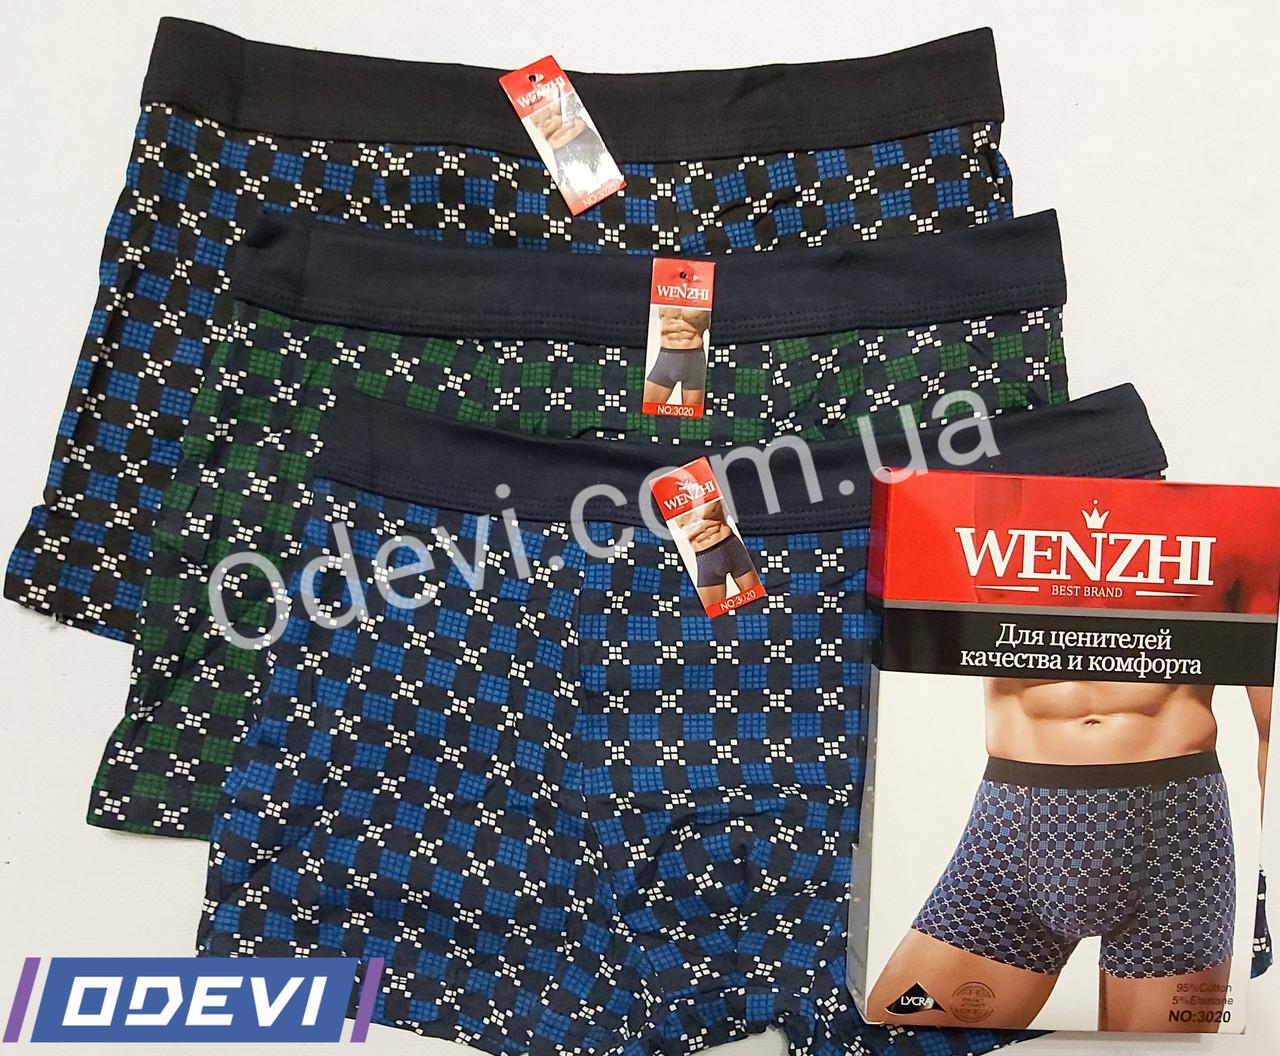 Wenzhi труси боксери бавовна тканинна гумка